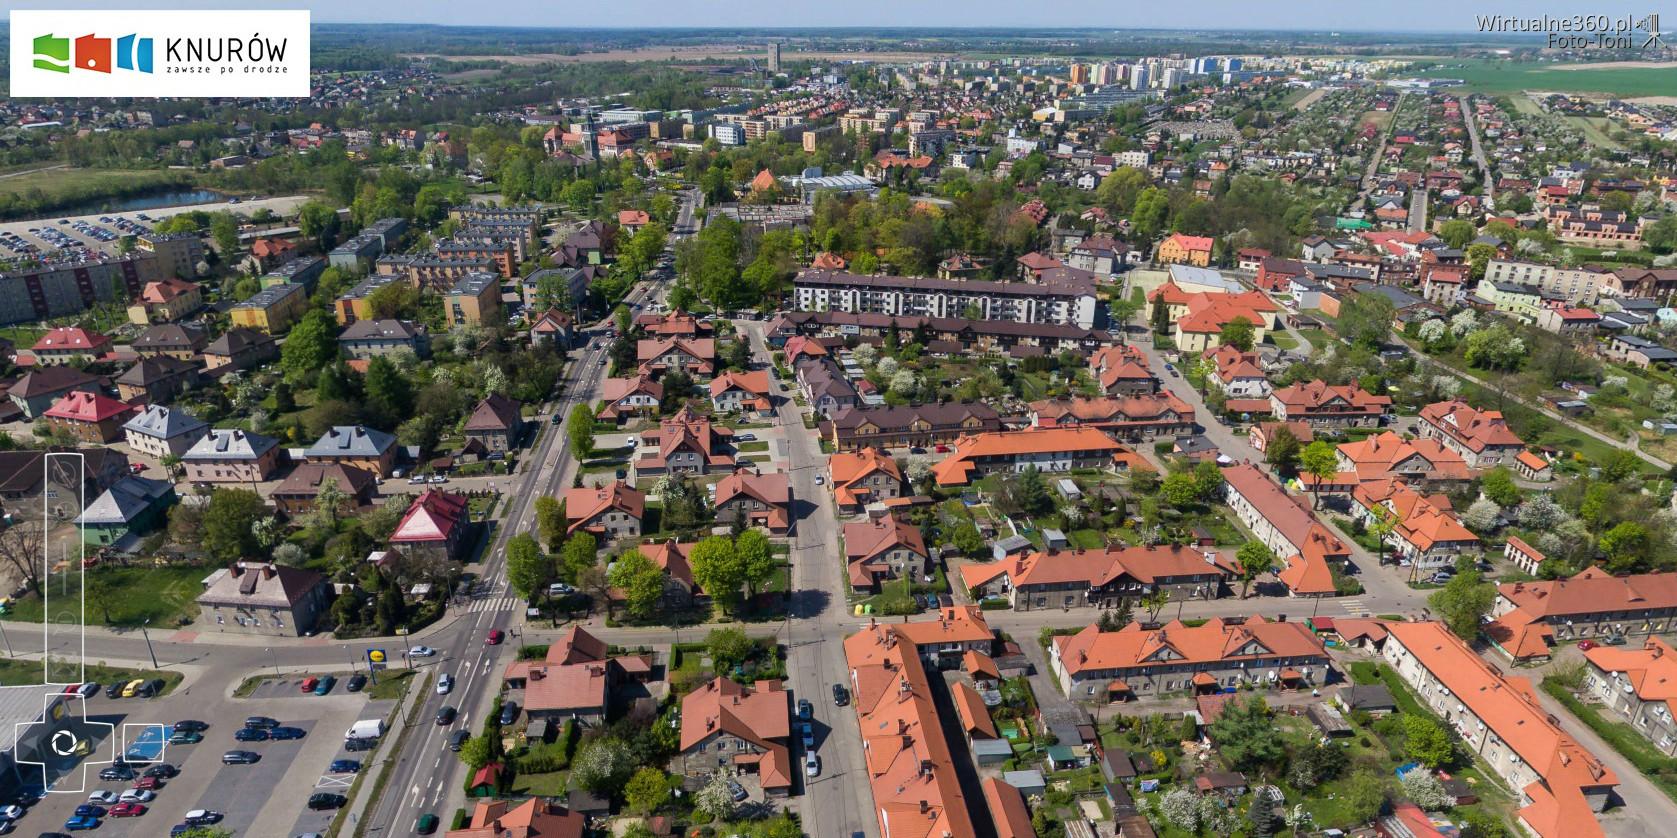 widok miasta od strony Starego Knurowa